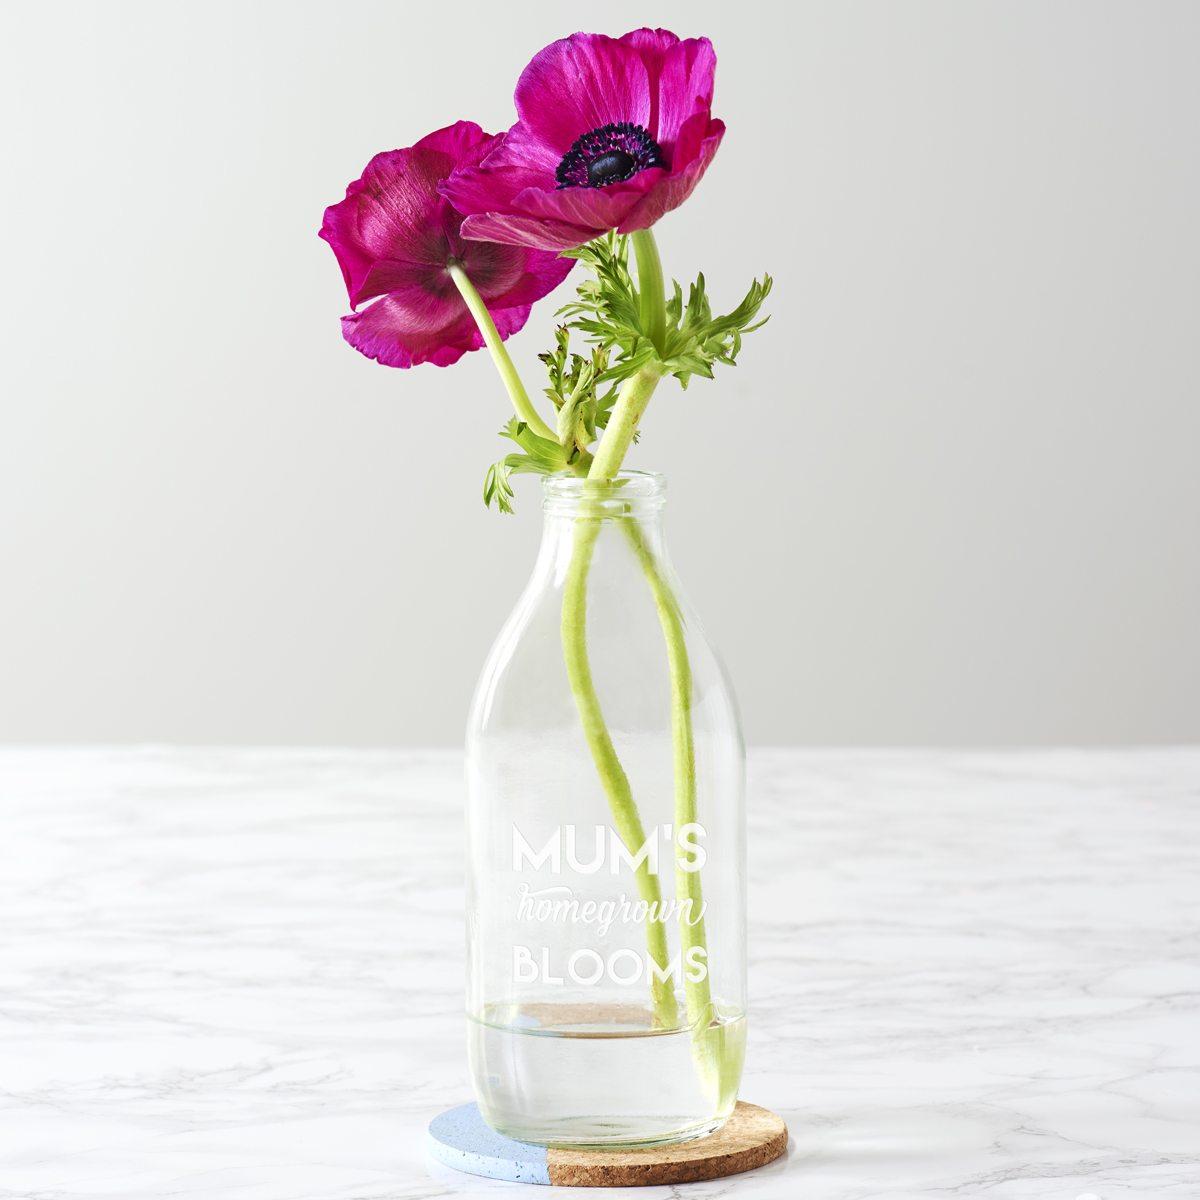 Personalised 'Homegrown Blooms' Milk Bottle Vase